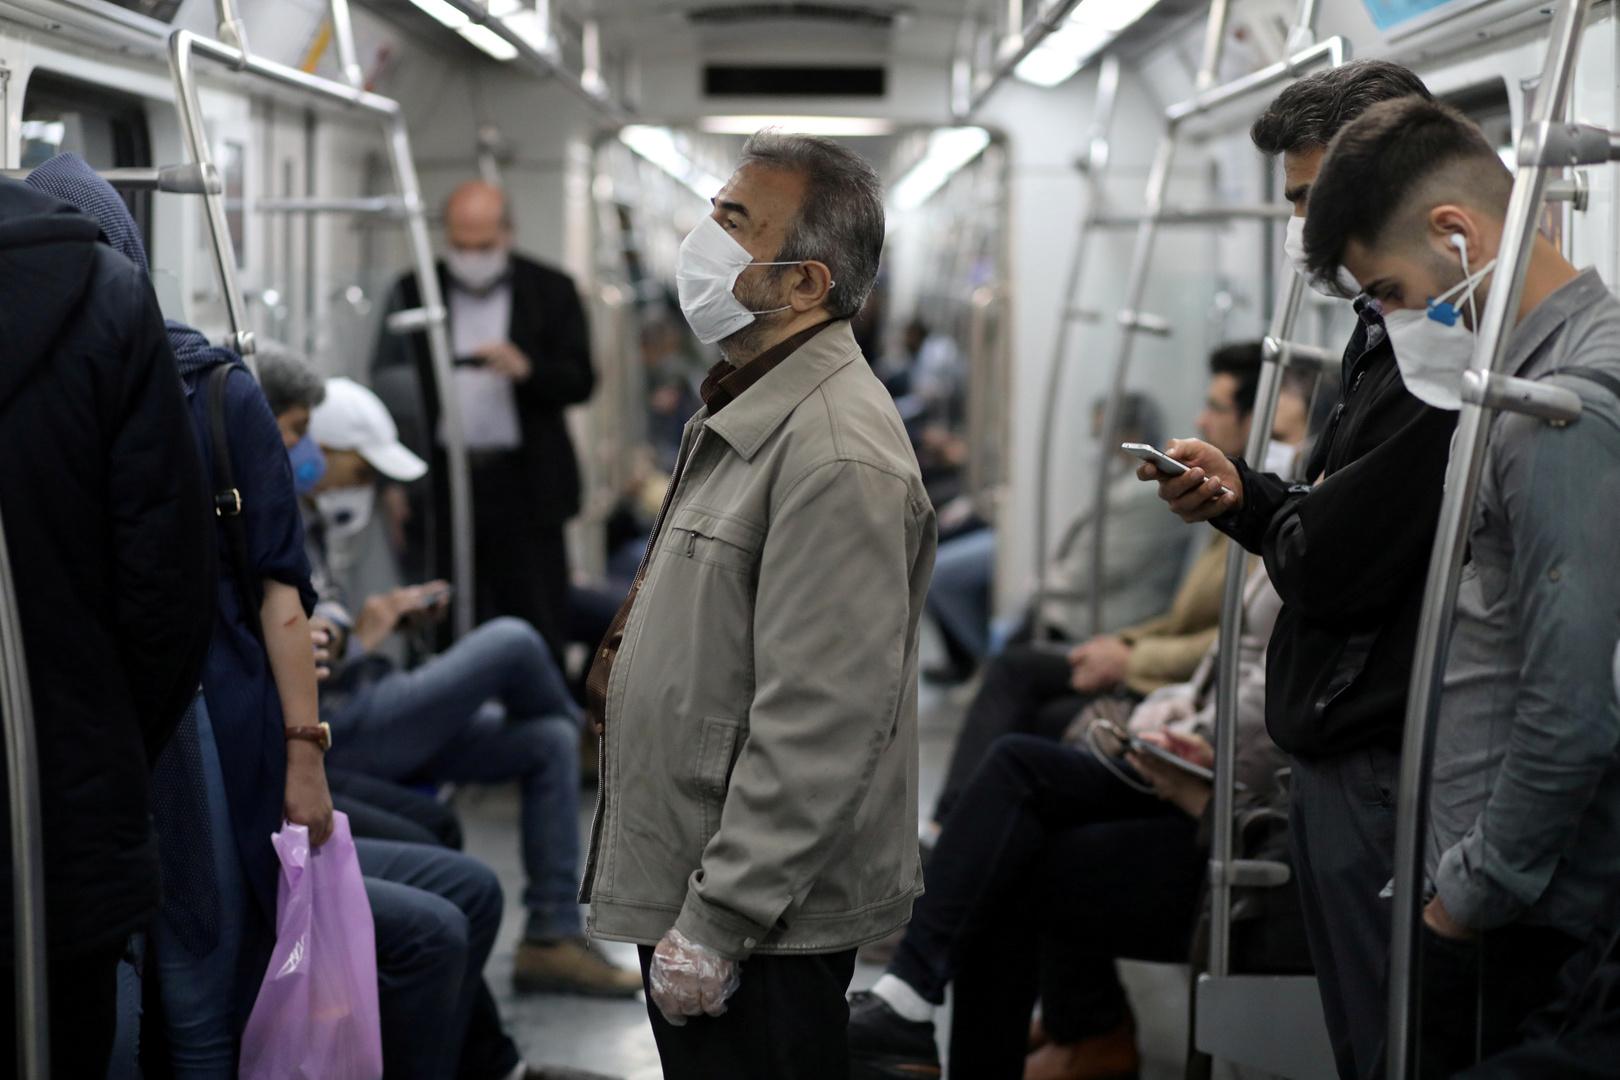 إيران.. 63 وفاة جراء كورونا خلال يوم وحصيلة الإصابات تتجاوز الـ150 ألفا